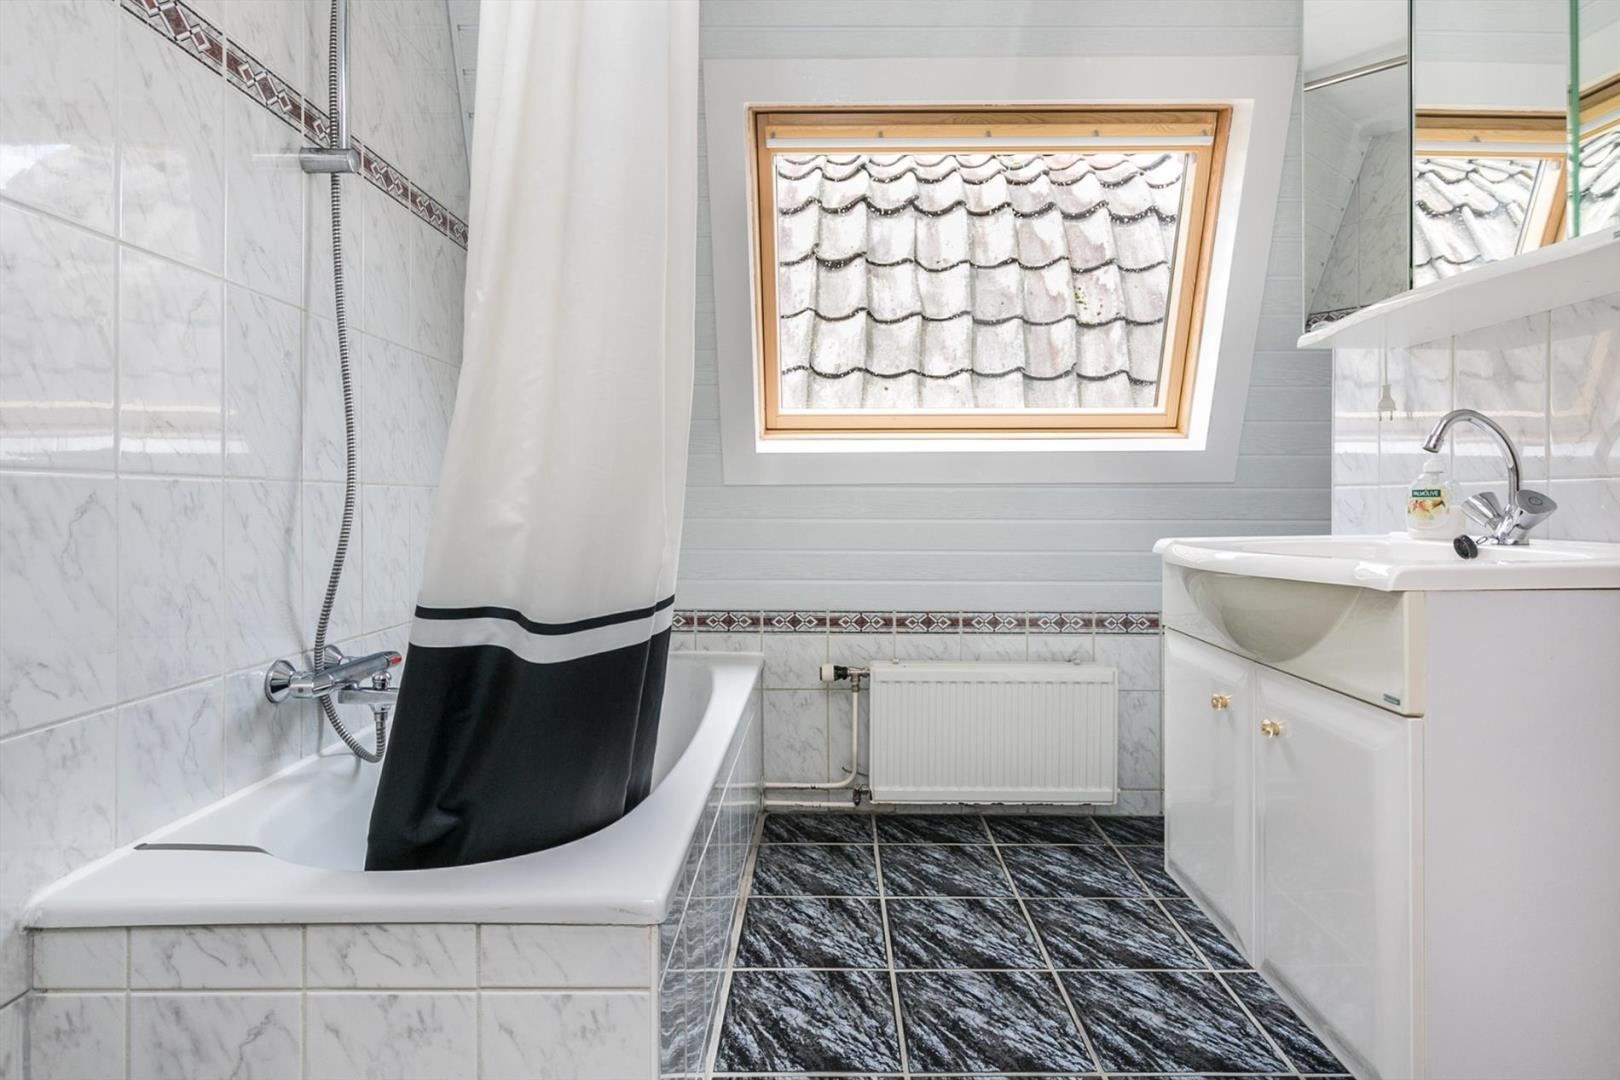 Wastafel badkamer lekt verstopte gootsteen pijp ontstoppen van